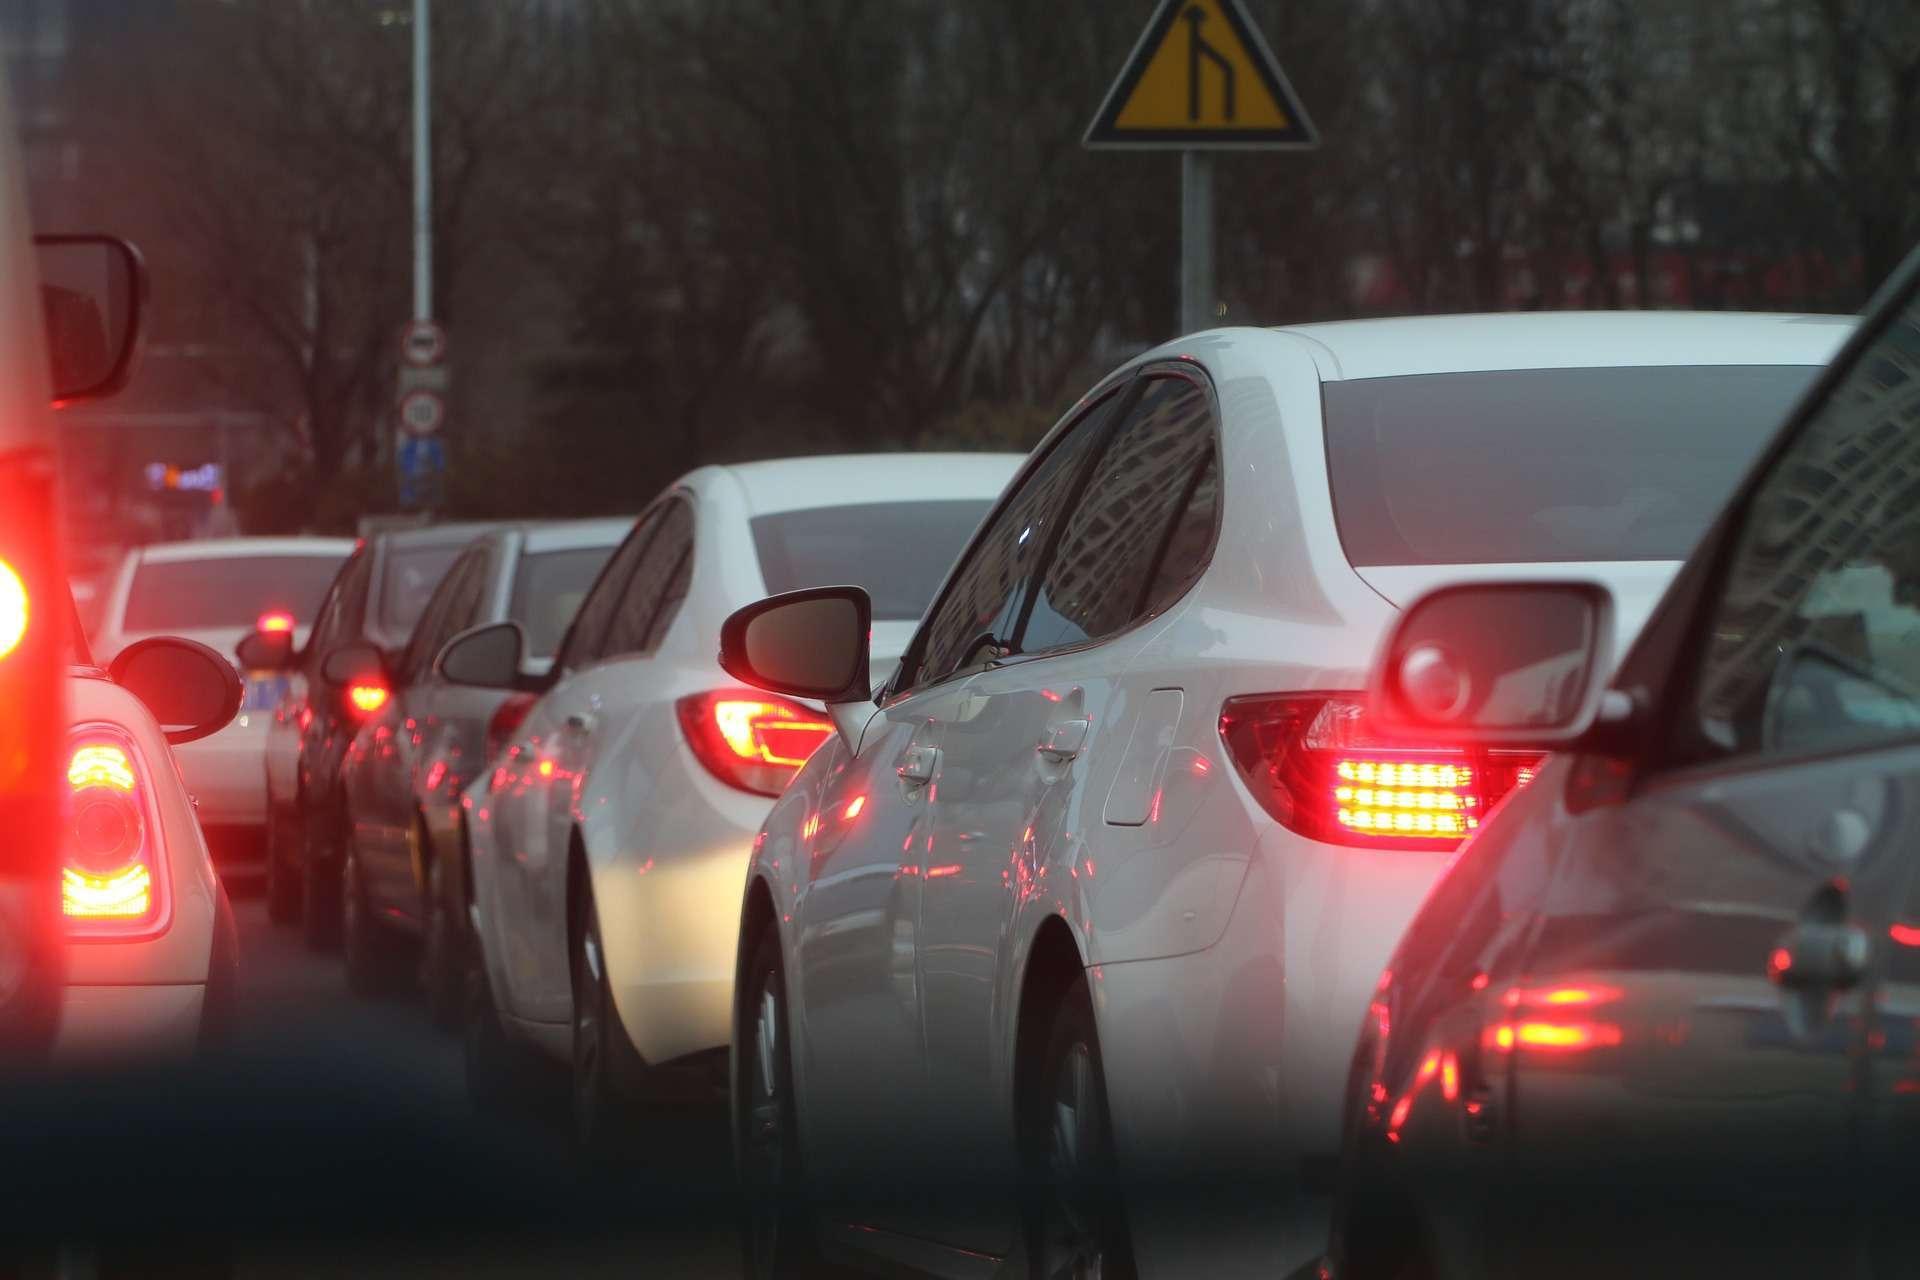 Multas - 10 dúvidas comuns sobre multas de trânsito (Parte 2) - Recorra Aqui - Multas e CNH - comuns | condutor | dúvidas